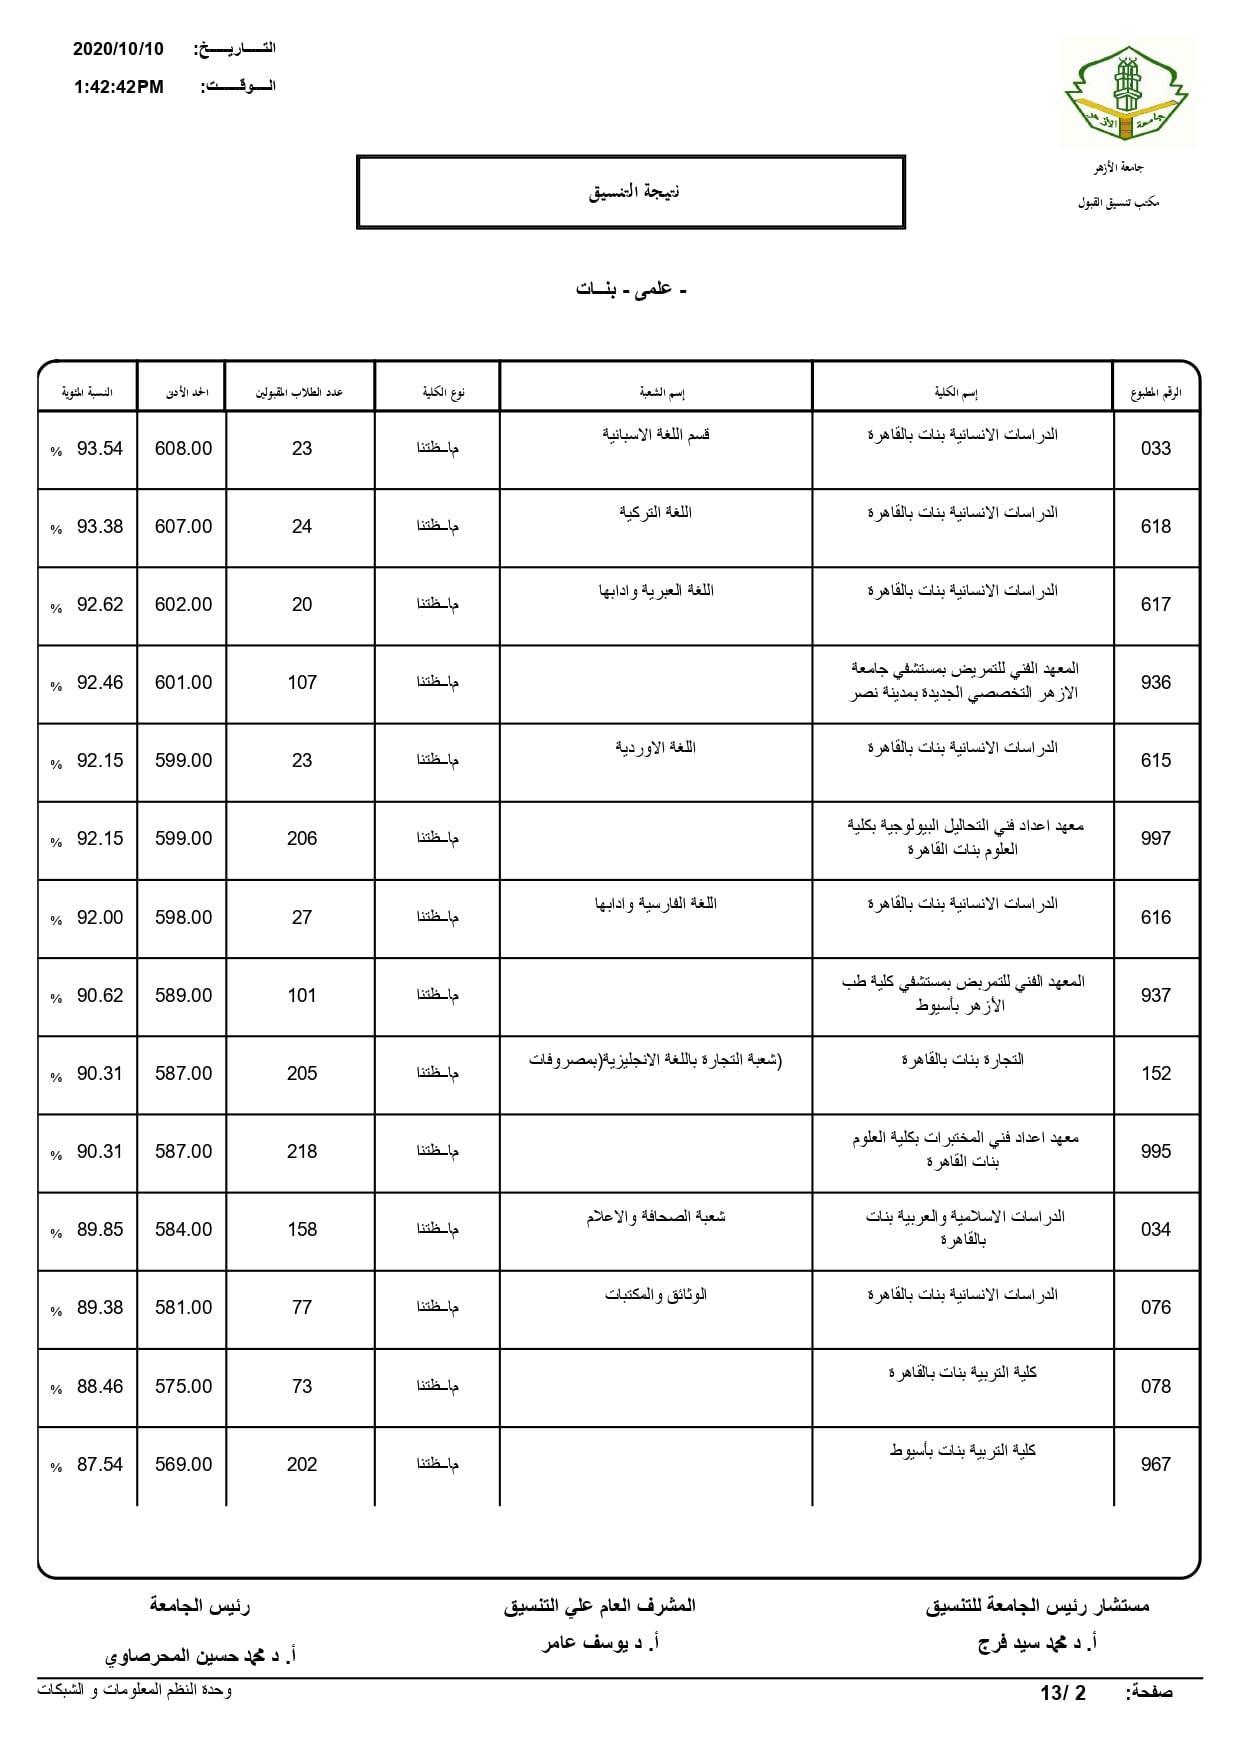 نتيجة تنسيق كليات جامعة الأزهر لعام 2020 بالكامل 20201010203217866